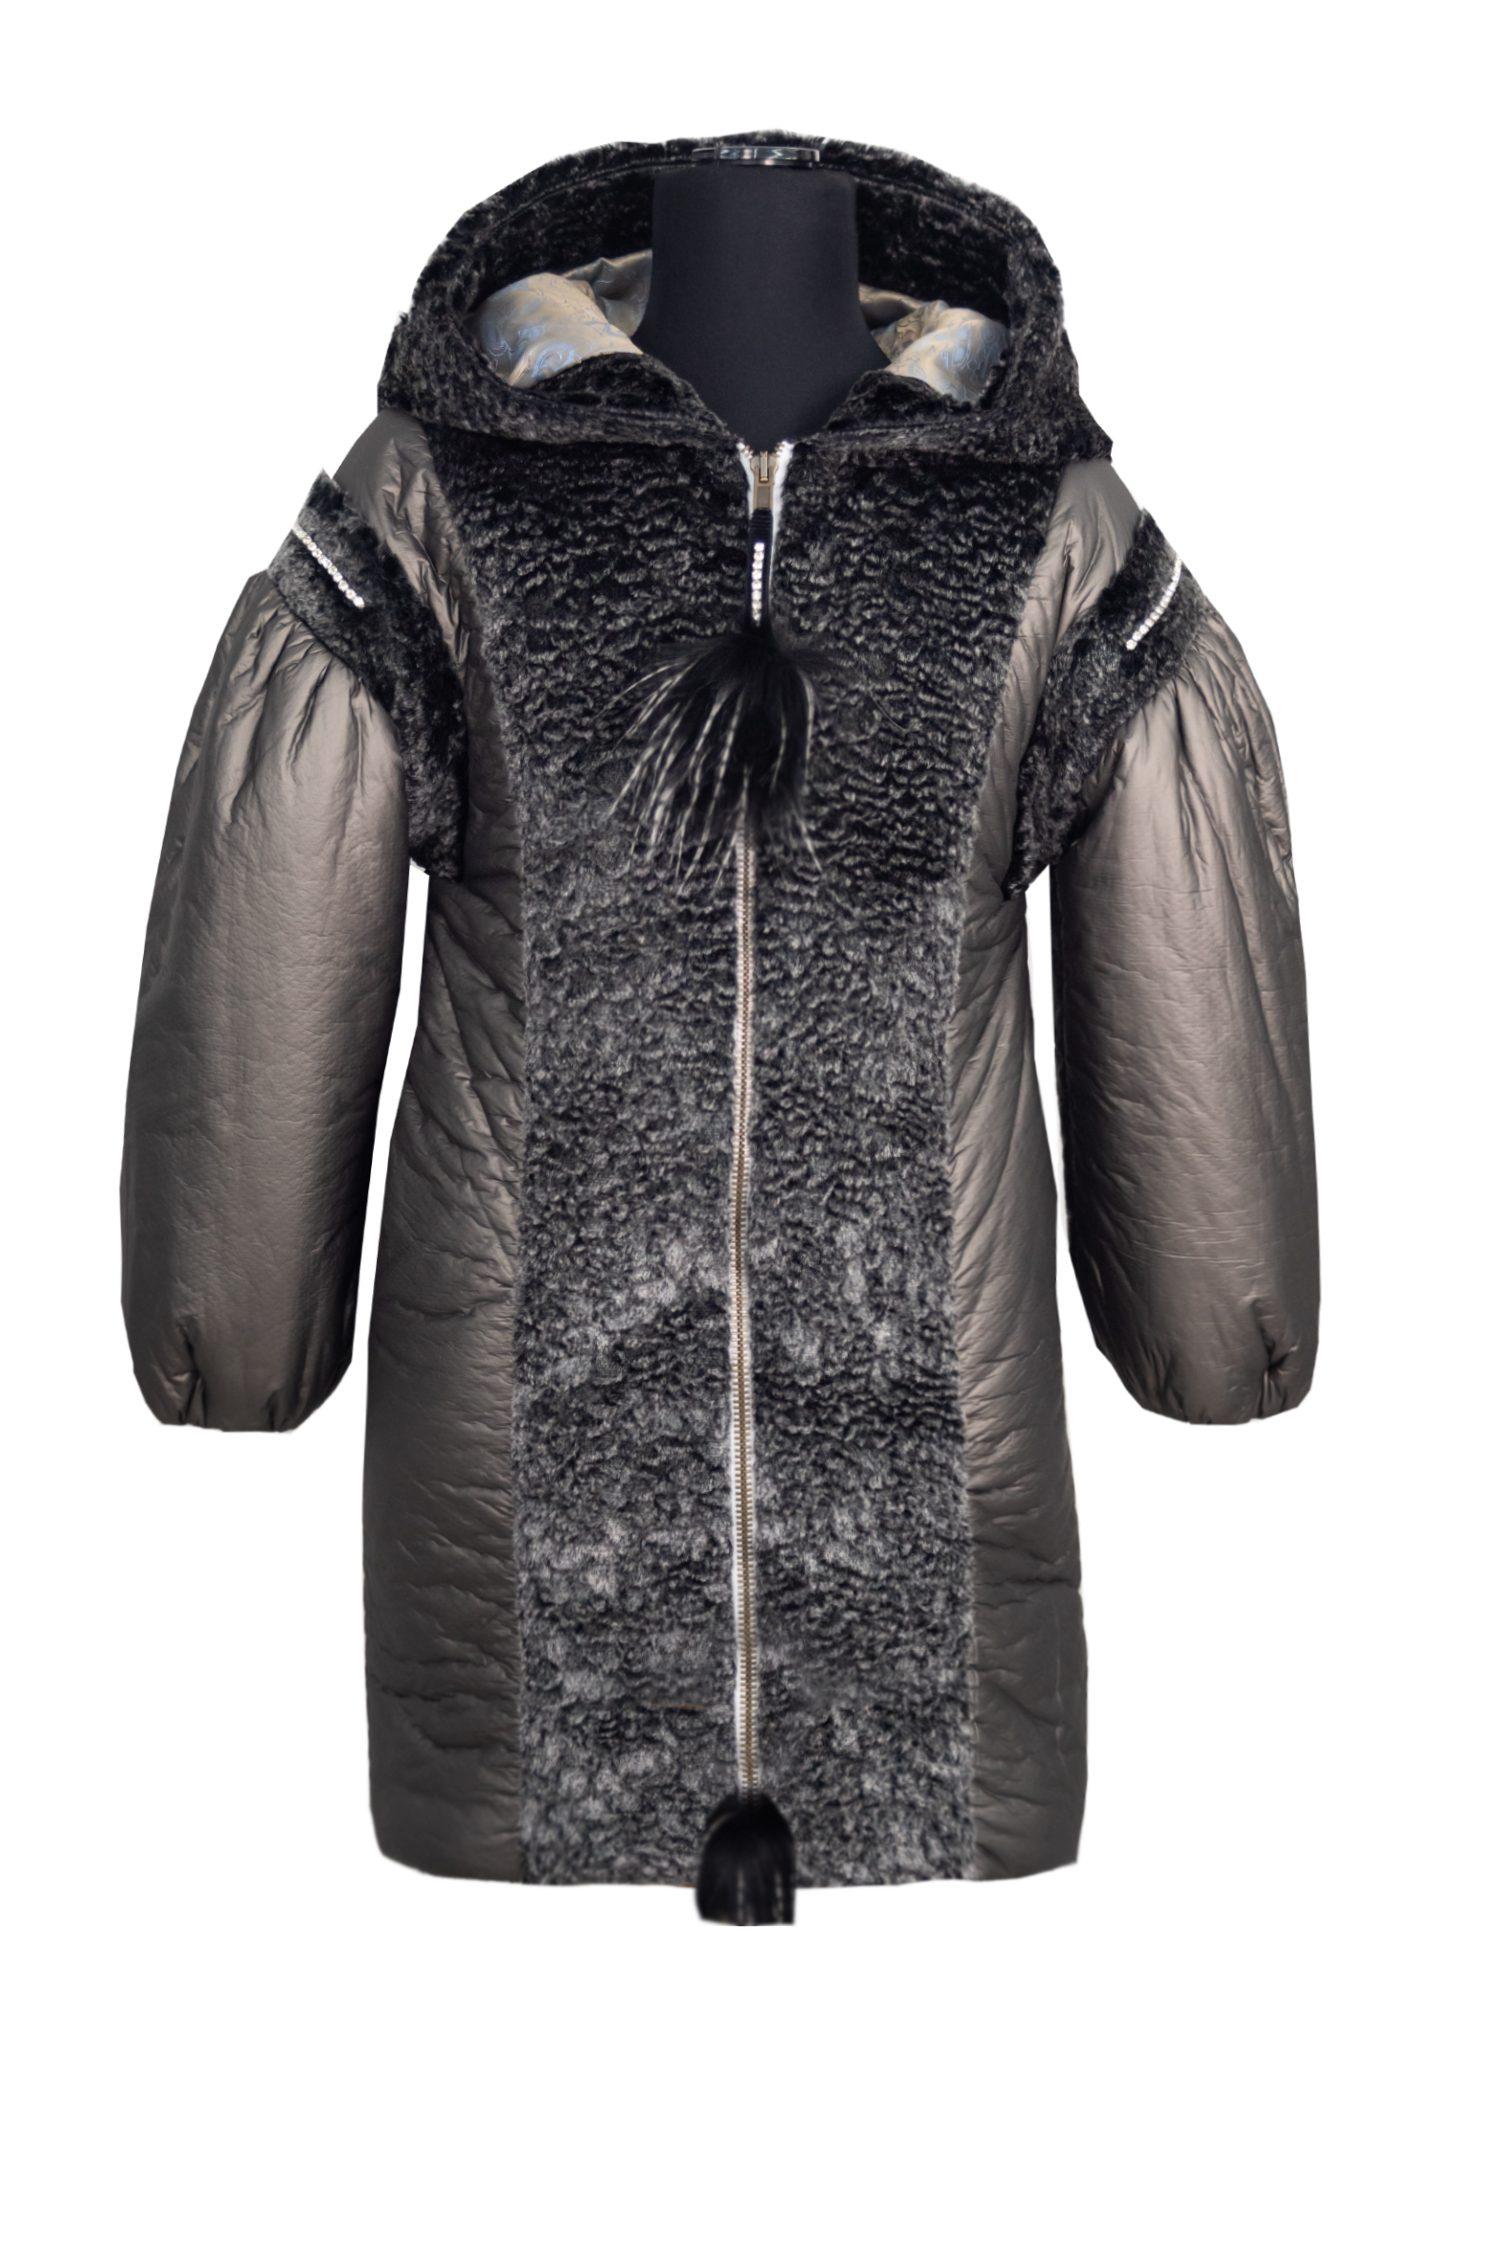 Palton gri pentru fete Casia